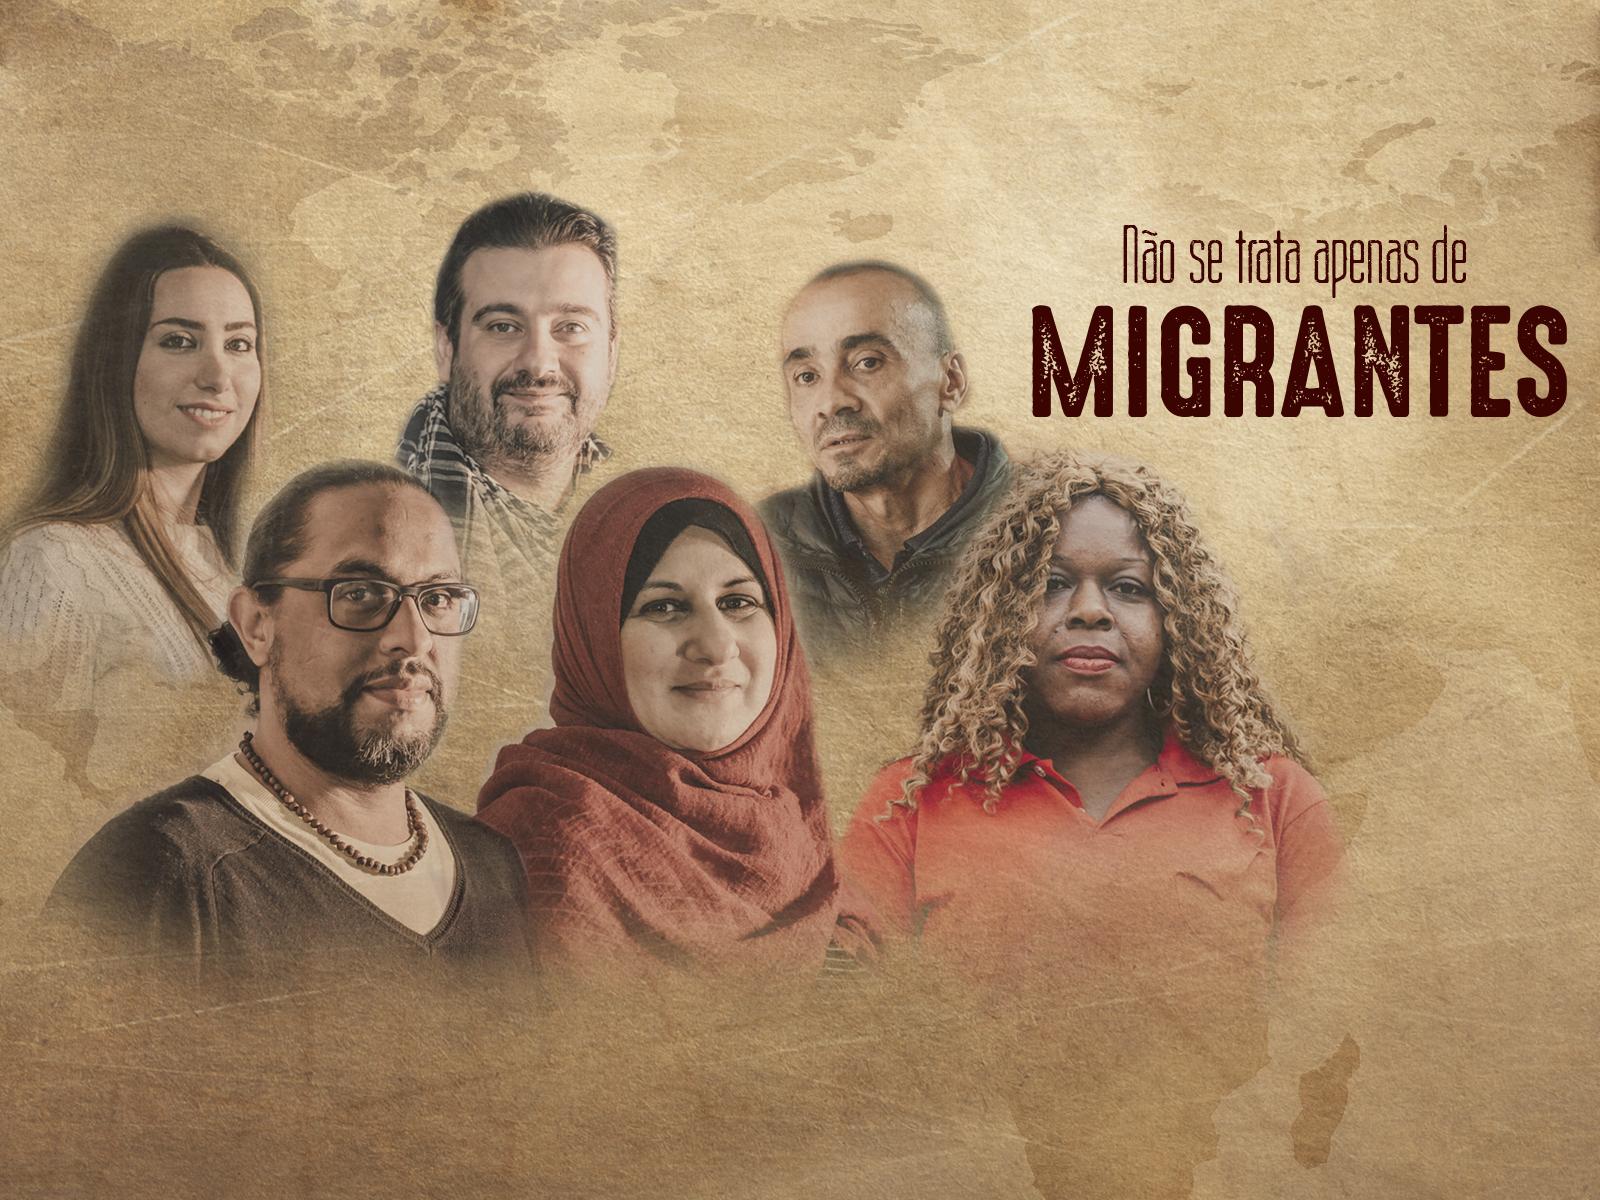 Como os refugiados e migrantes reconstroem sua vida?